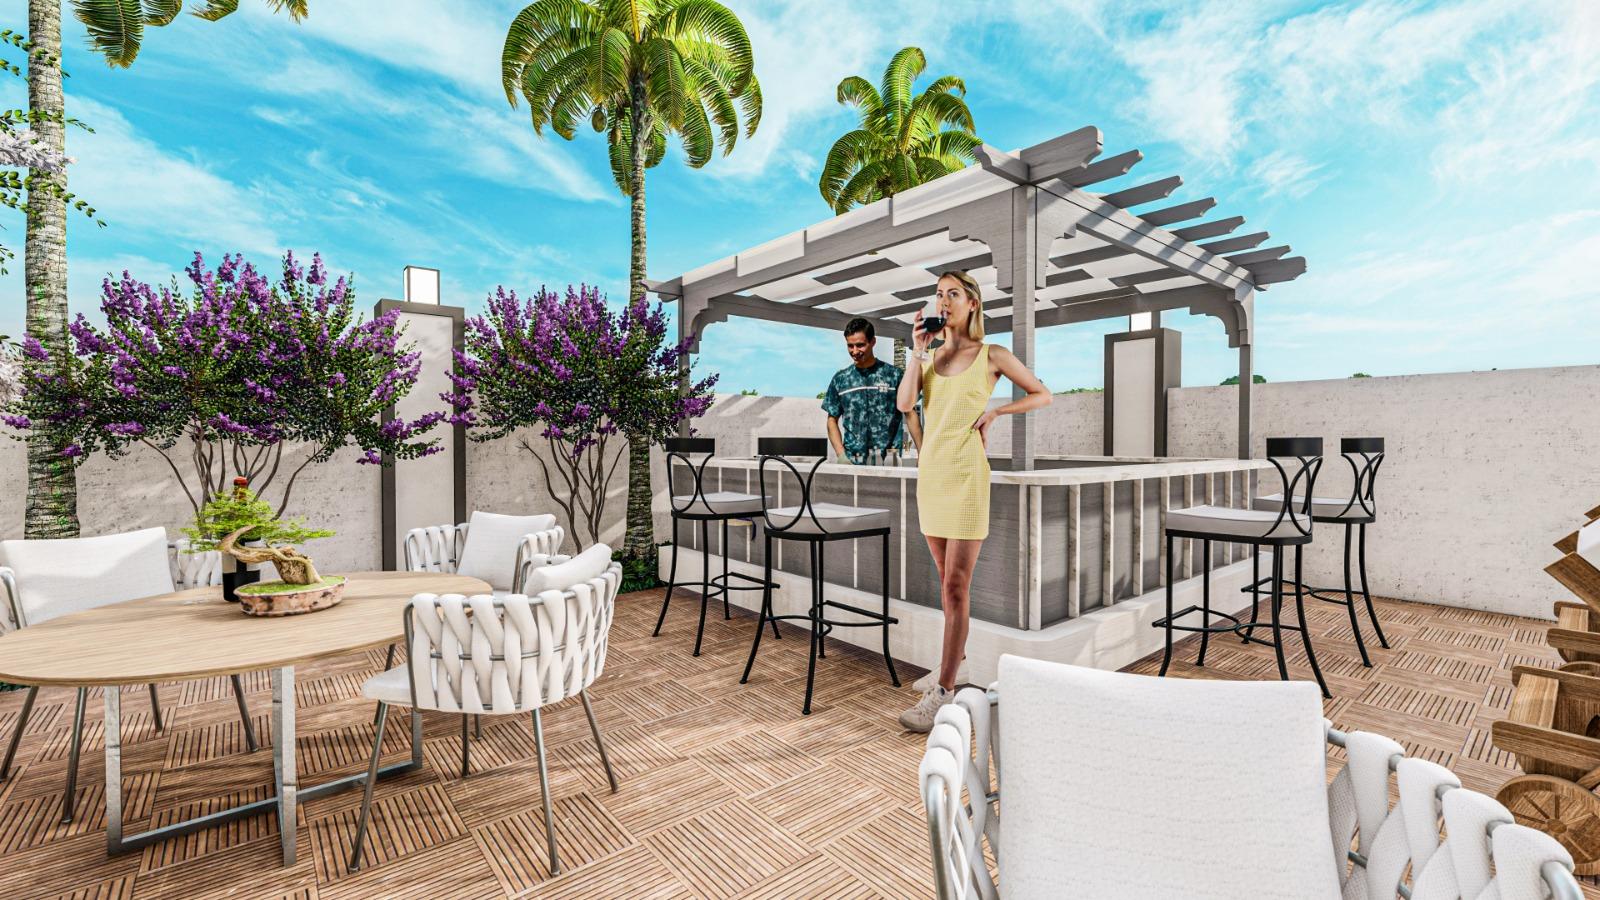 Новые квартиры по приемлемым ценам в строящемся комплексе - Фото 7